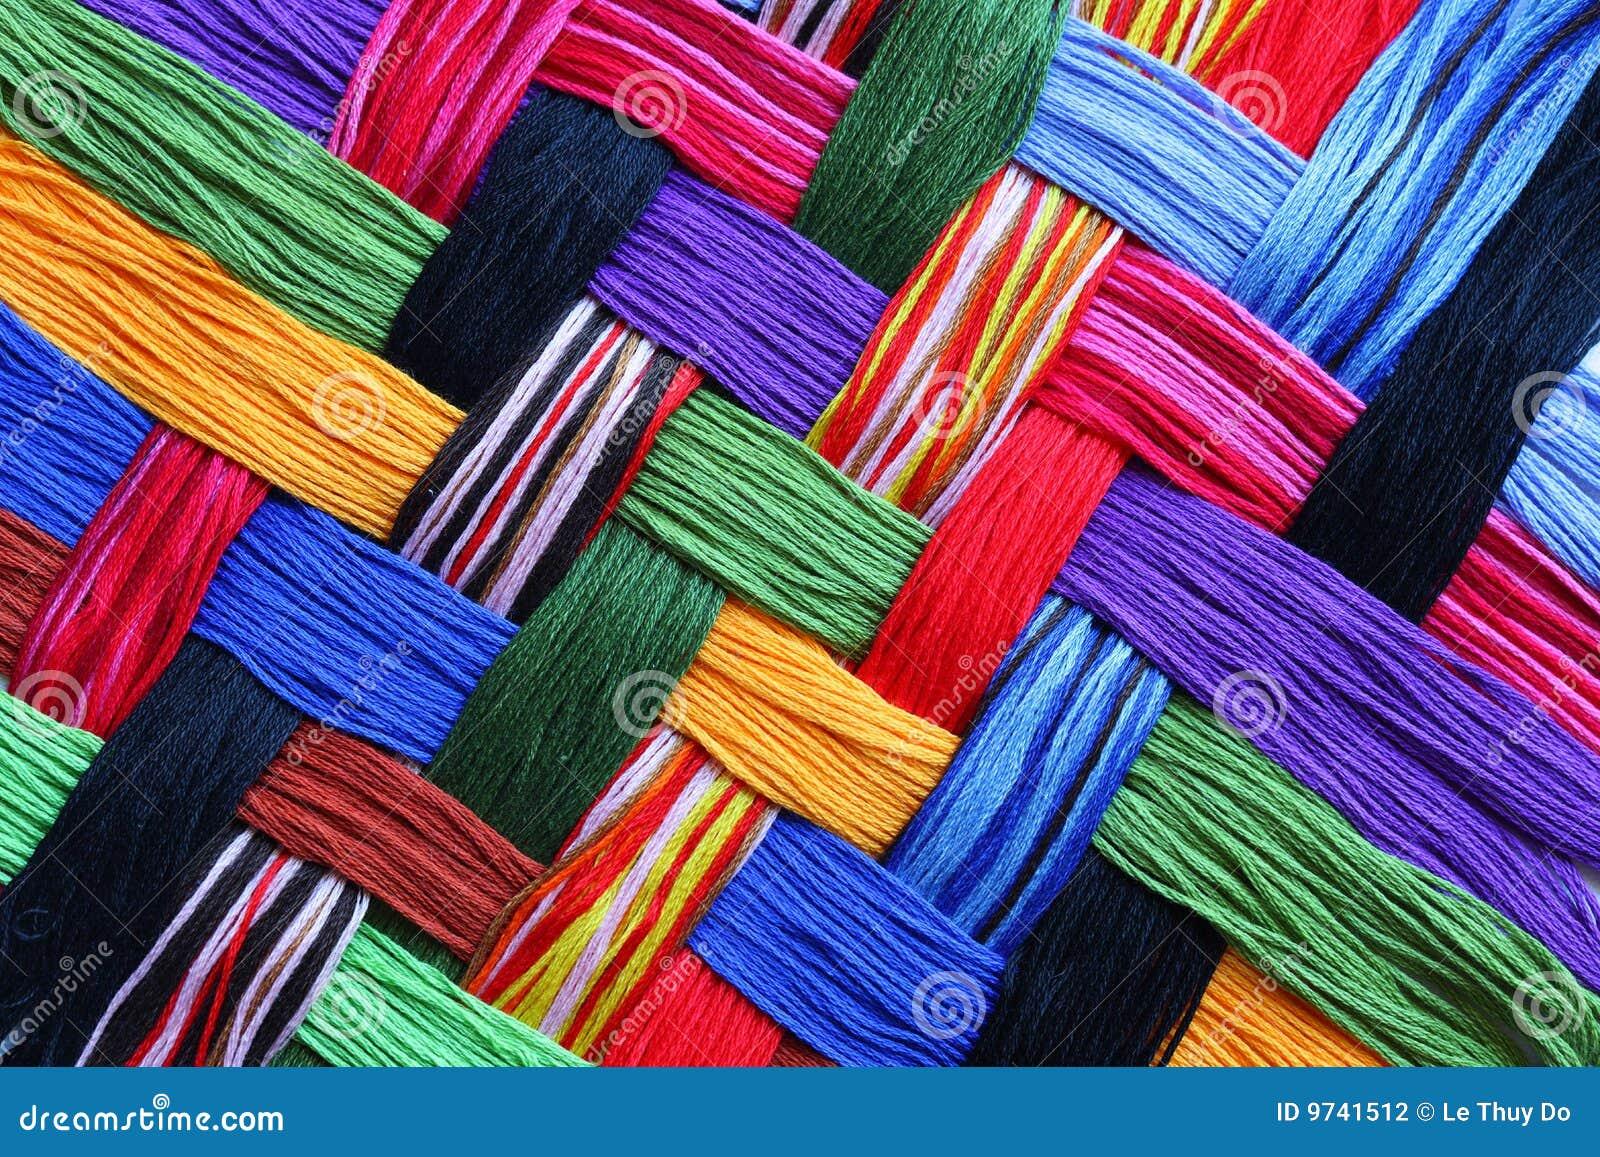 Cuerdas de rosca del bordado